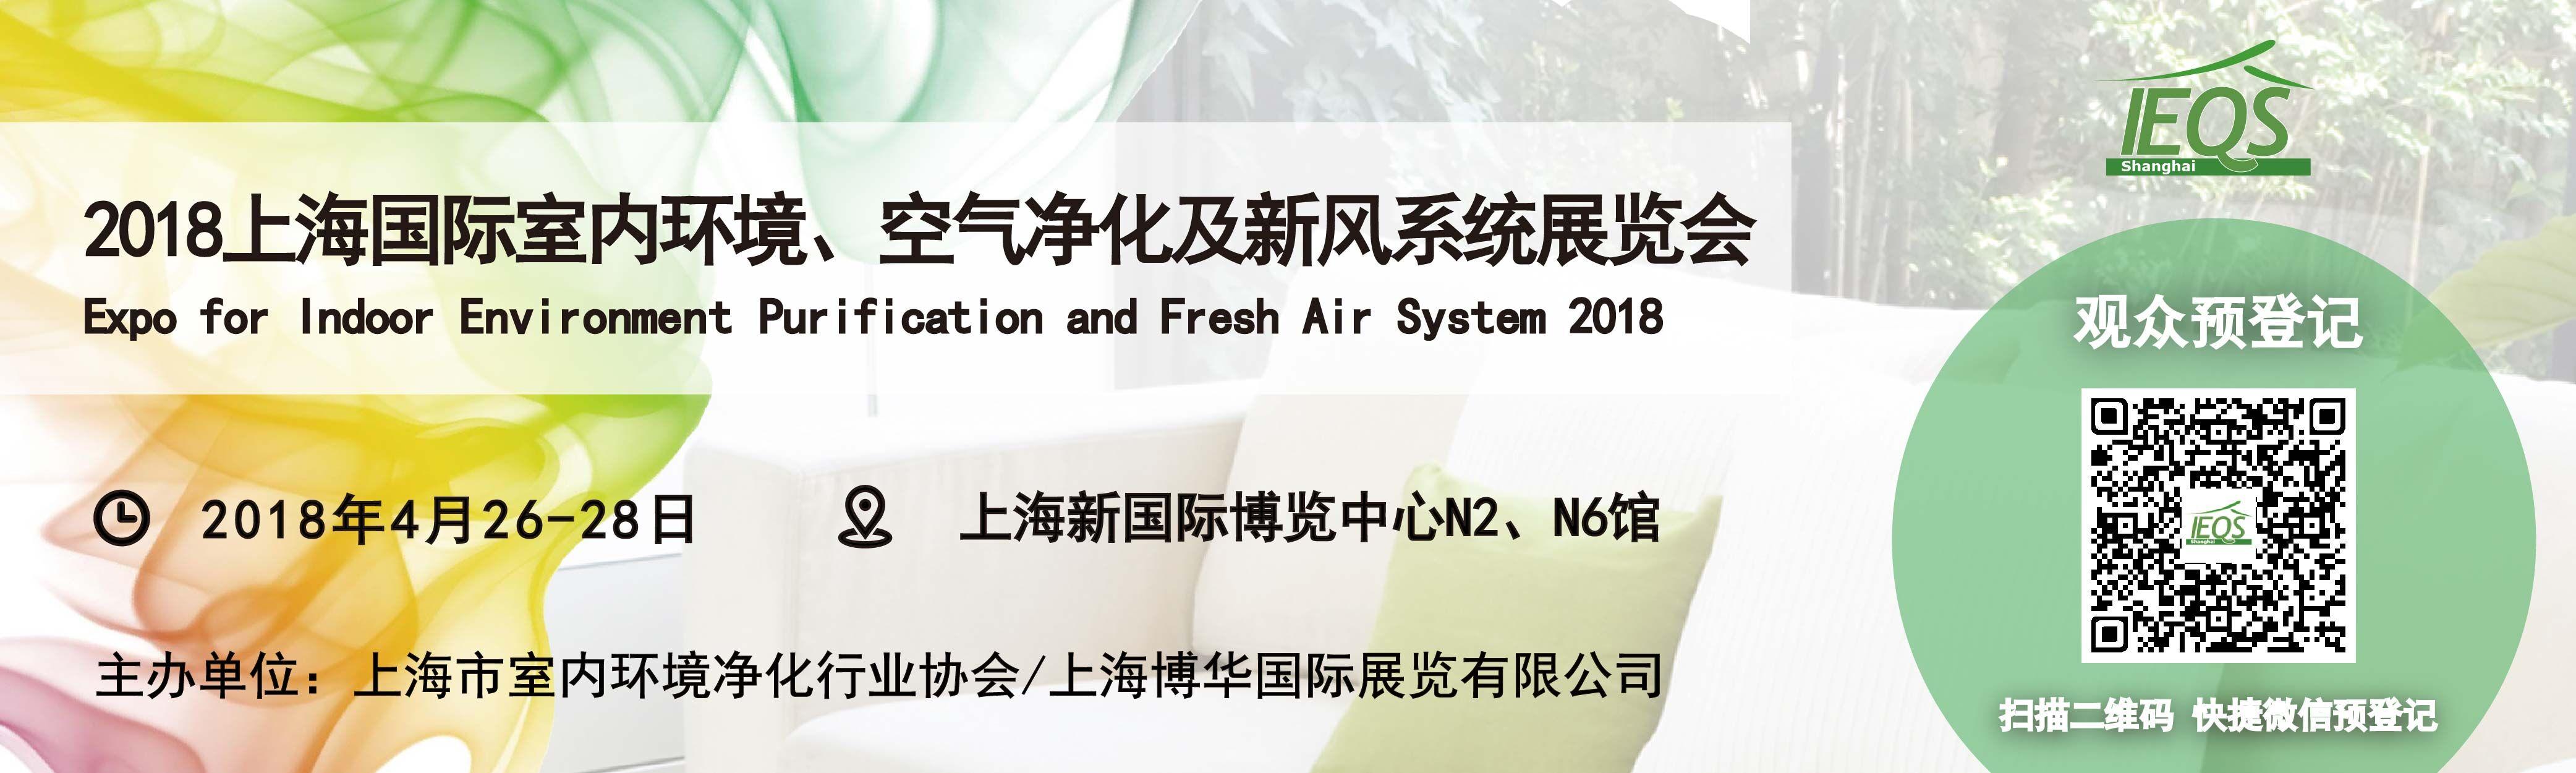 2018上海国际室内环境、空气净化及新风系统博览会